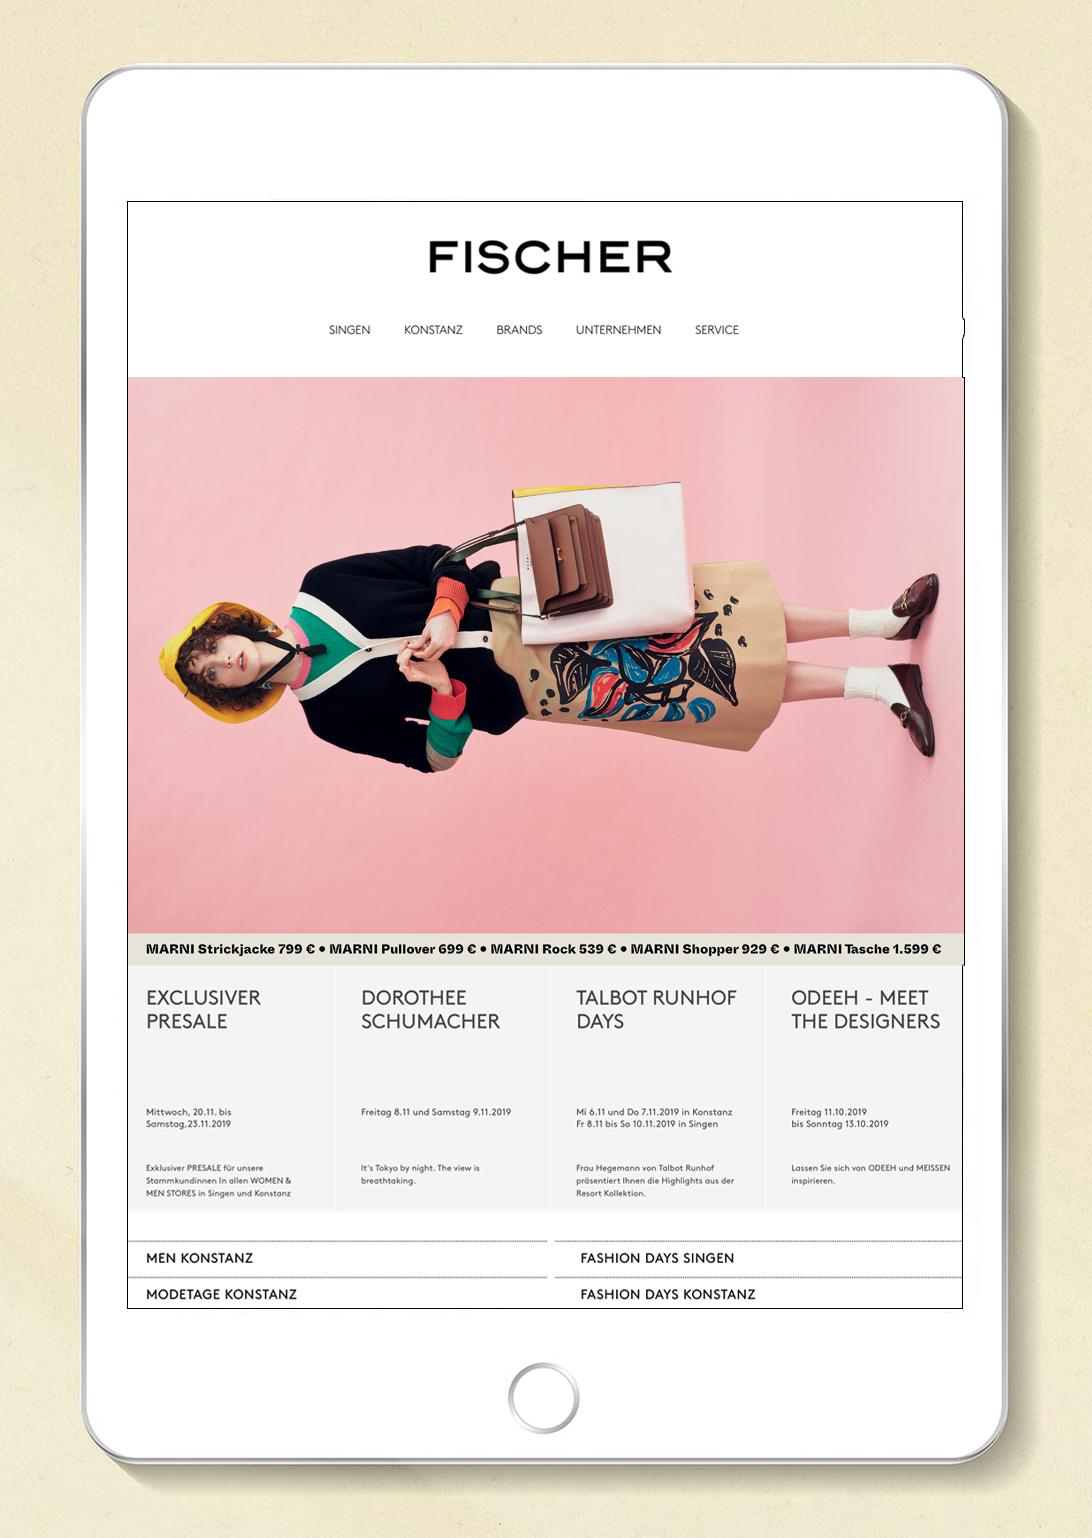 fischer_1